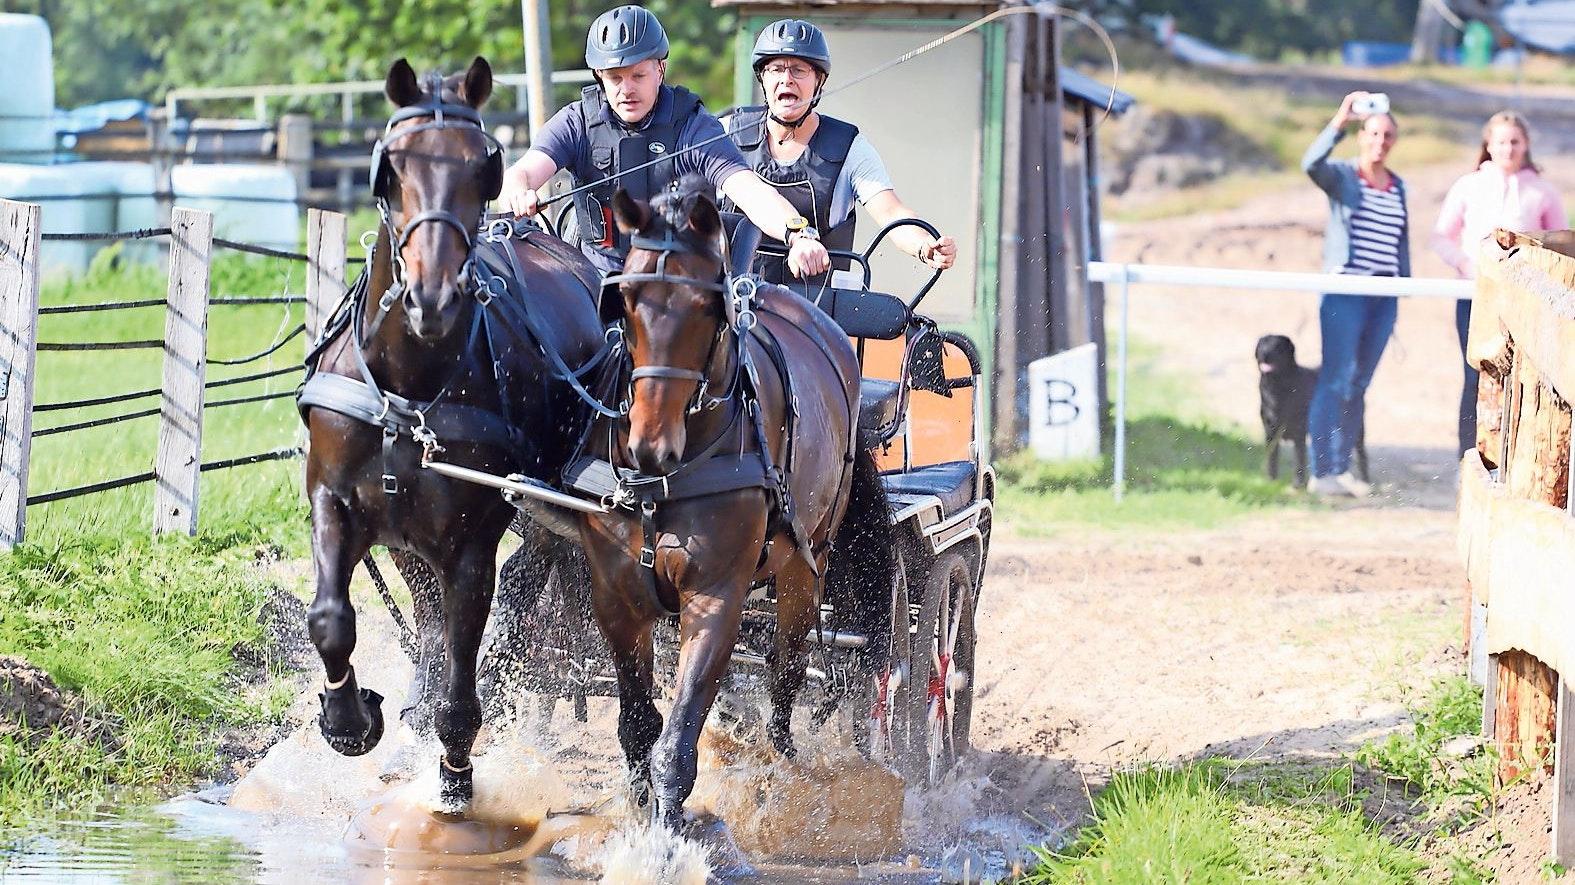 Durchs Gelände: Bei optimalen äußeren Bedingungen absolvierten die Fahrer in Thüle ihre Prüfungen.Foto: Passmann